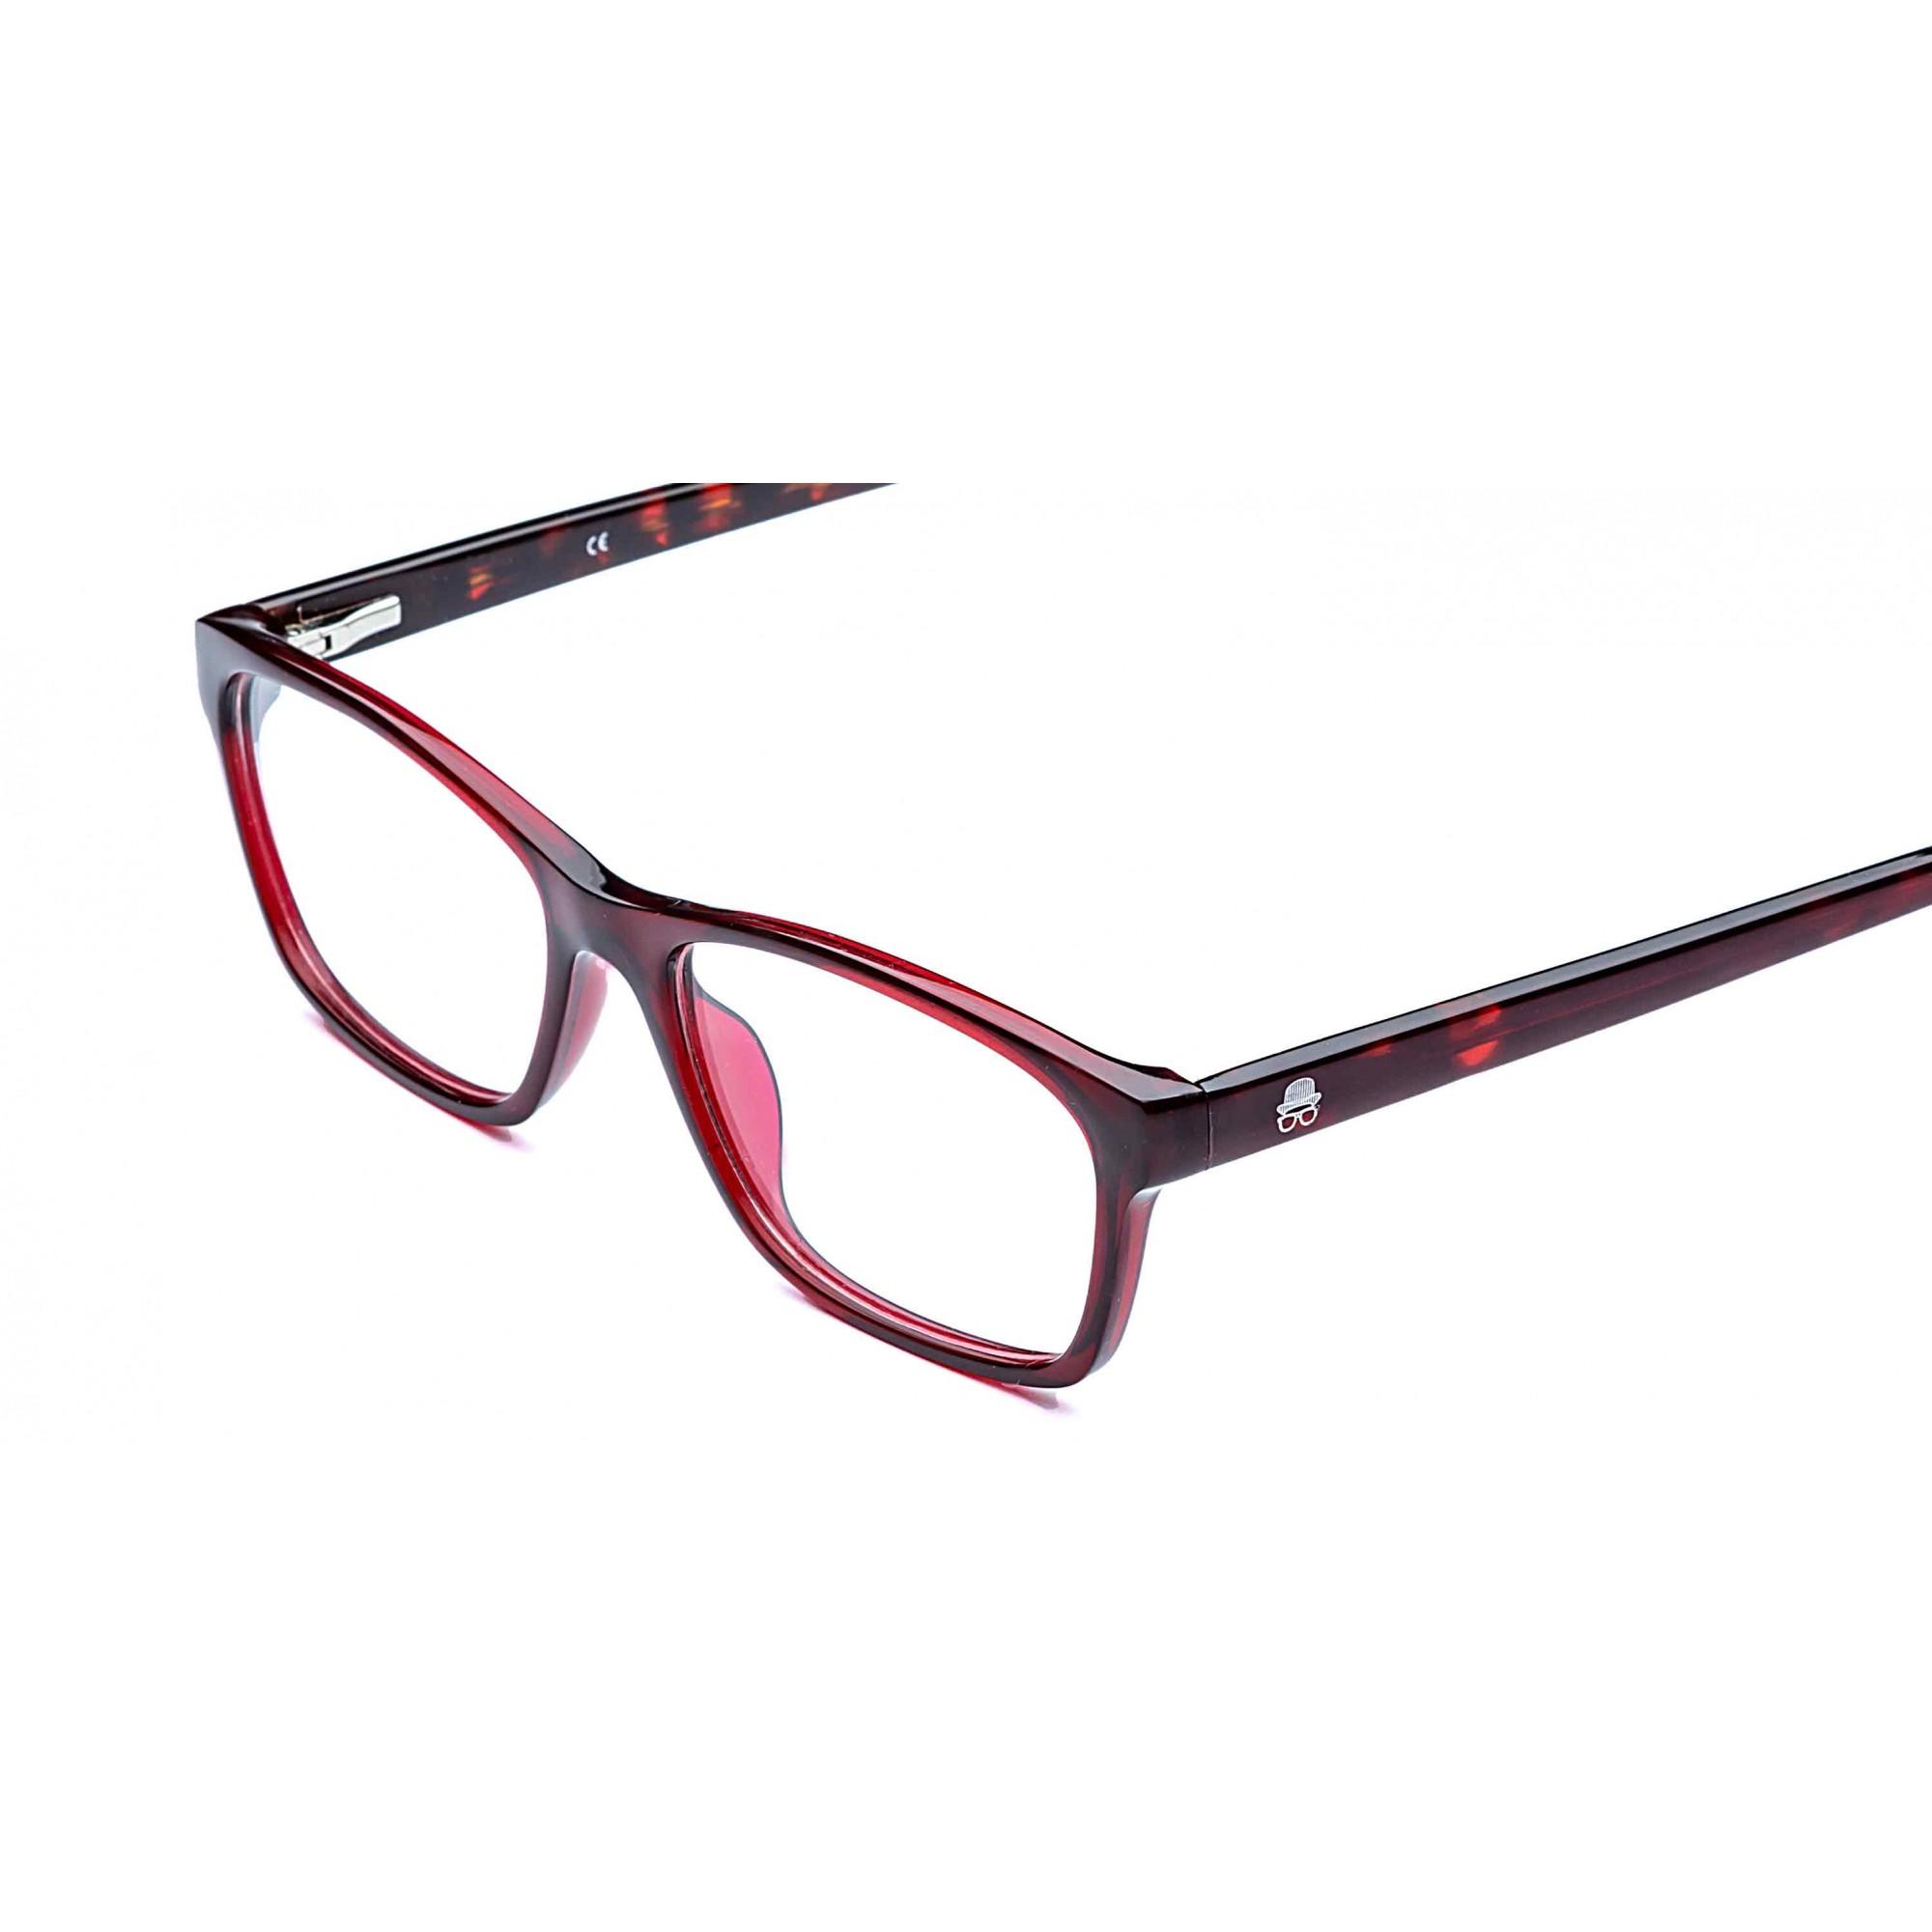 Boston - Rafael Lopes Eyewear